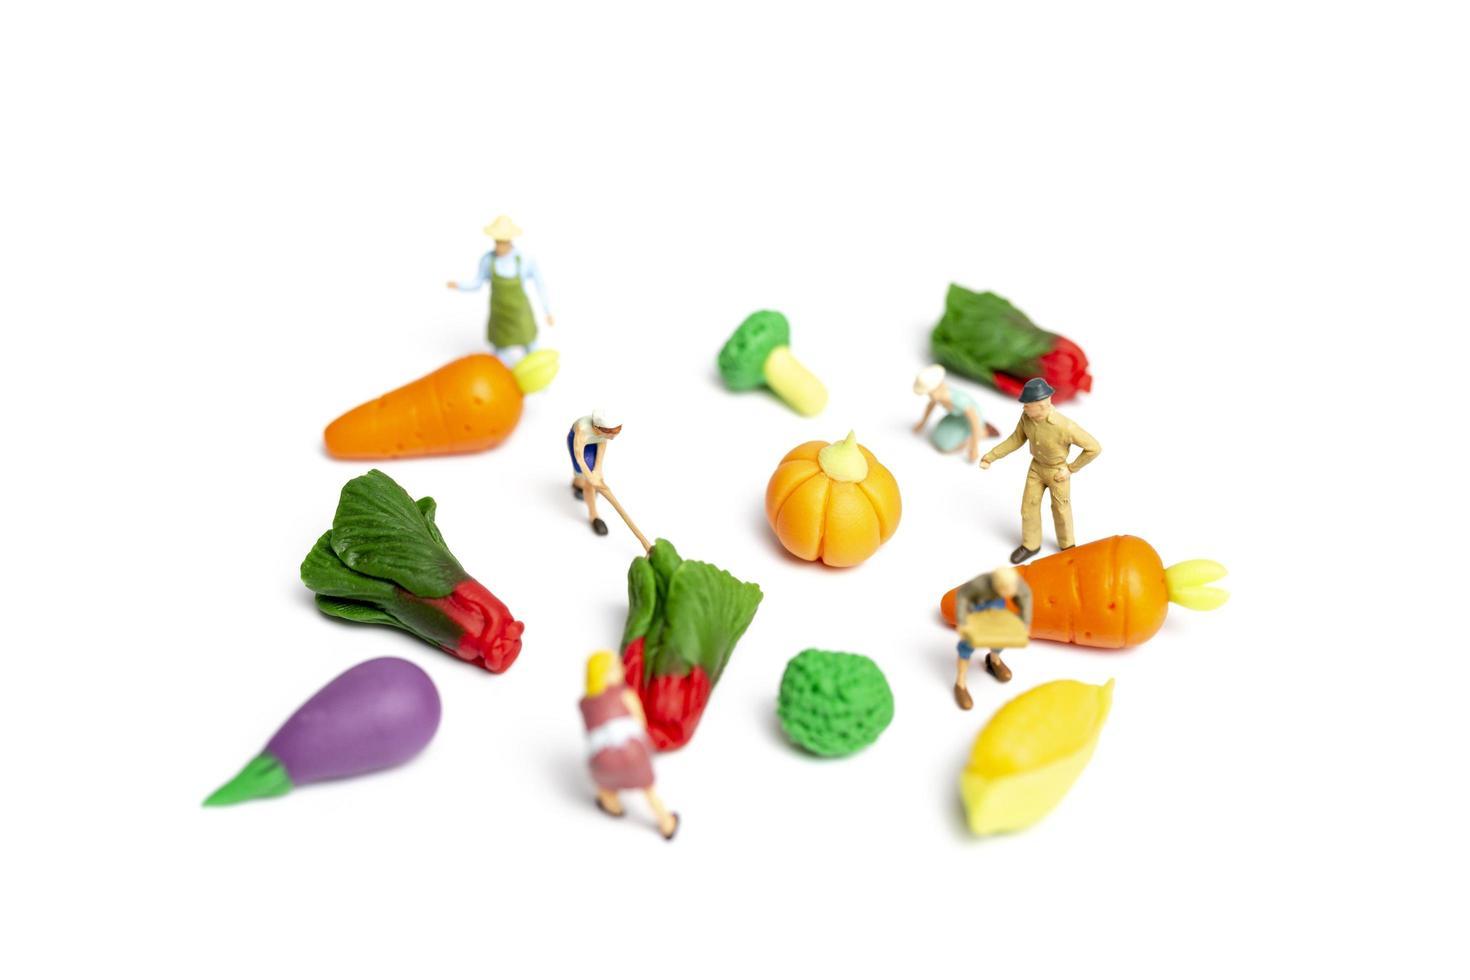 Jardiniers miniatures récolte de légumes sur fond blanc, concept de l'agriculture photo